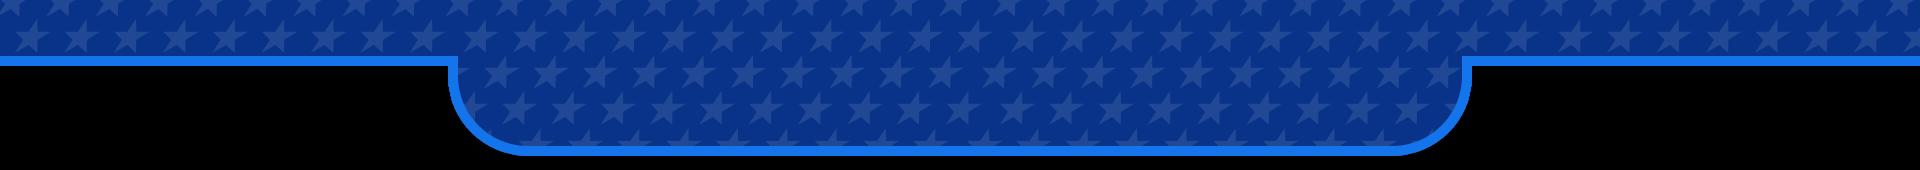 Header Background